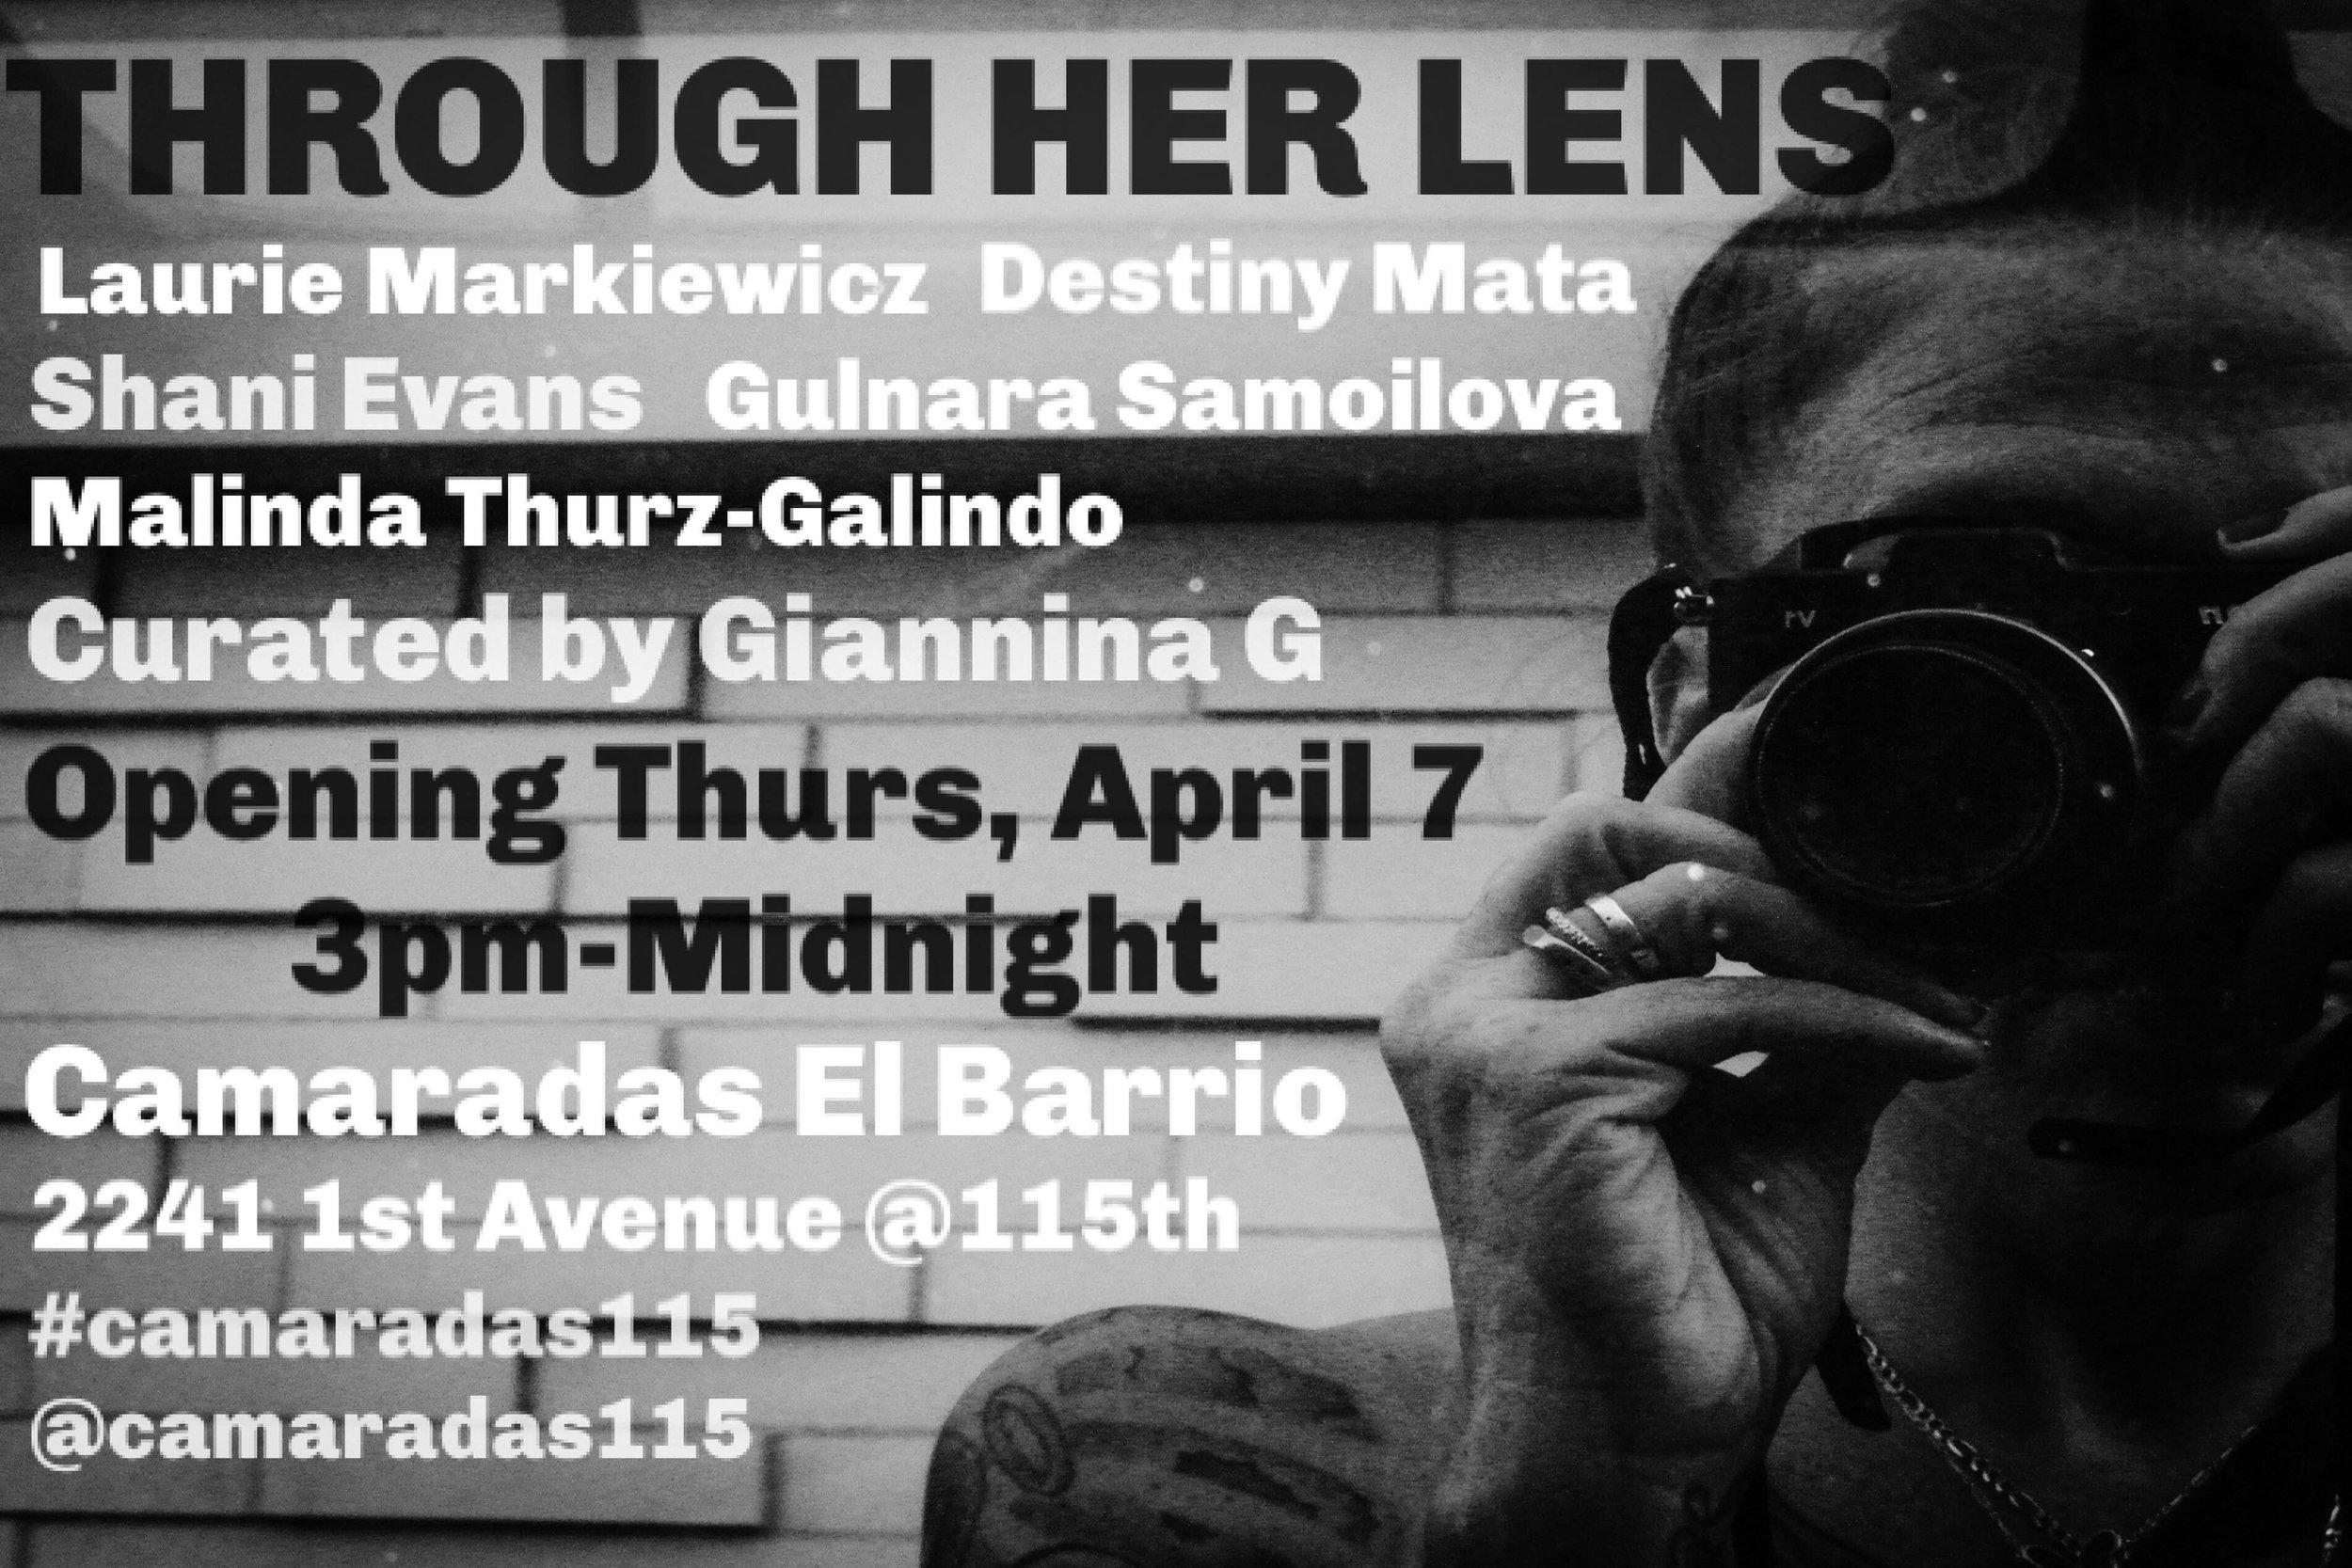 Through Her Lens, Camaradas El Barrio April 2016